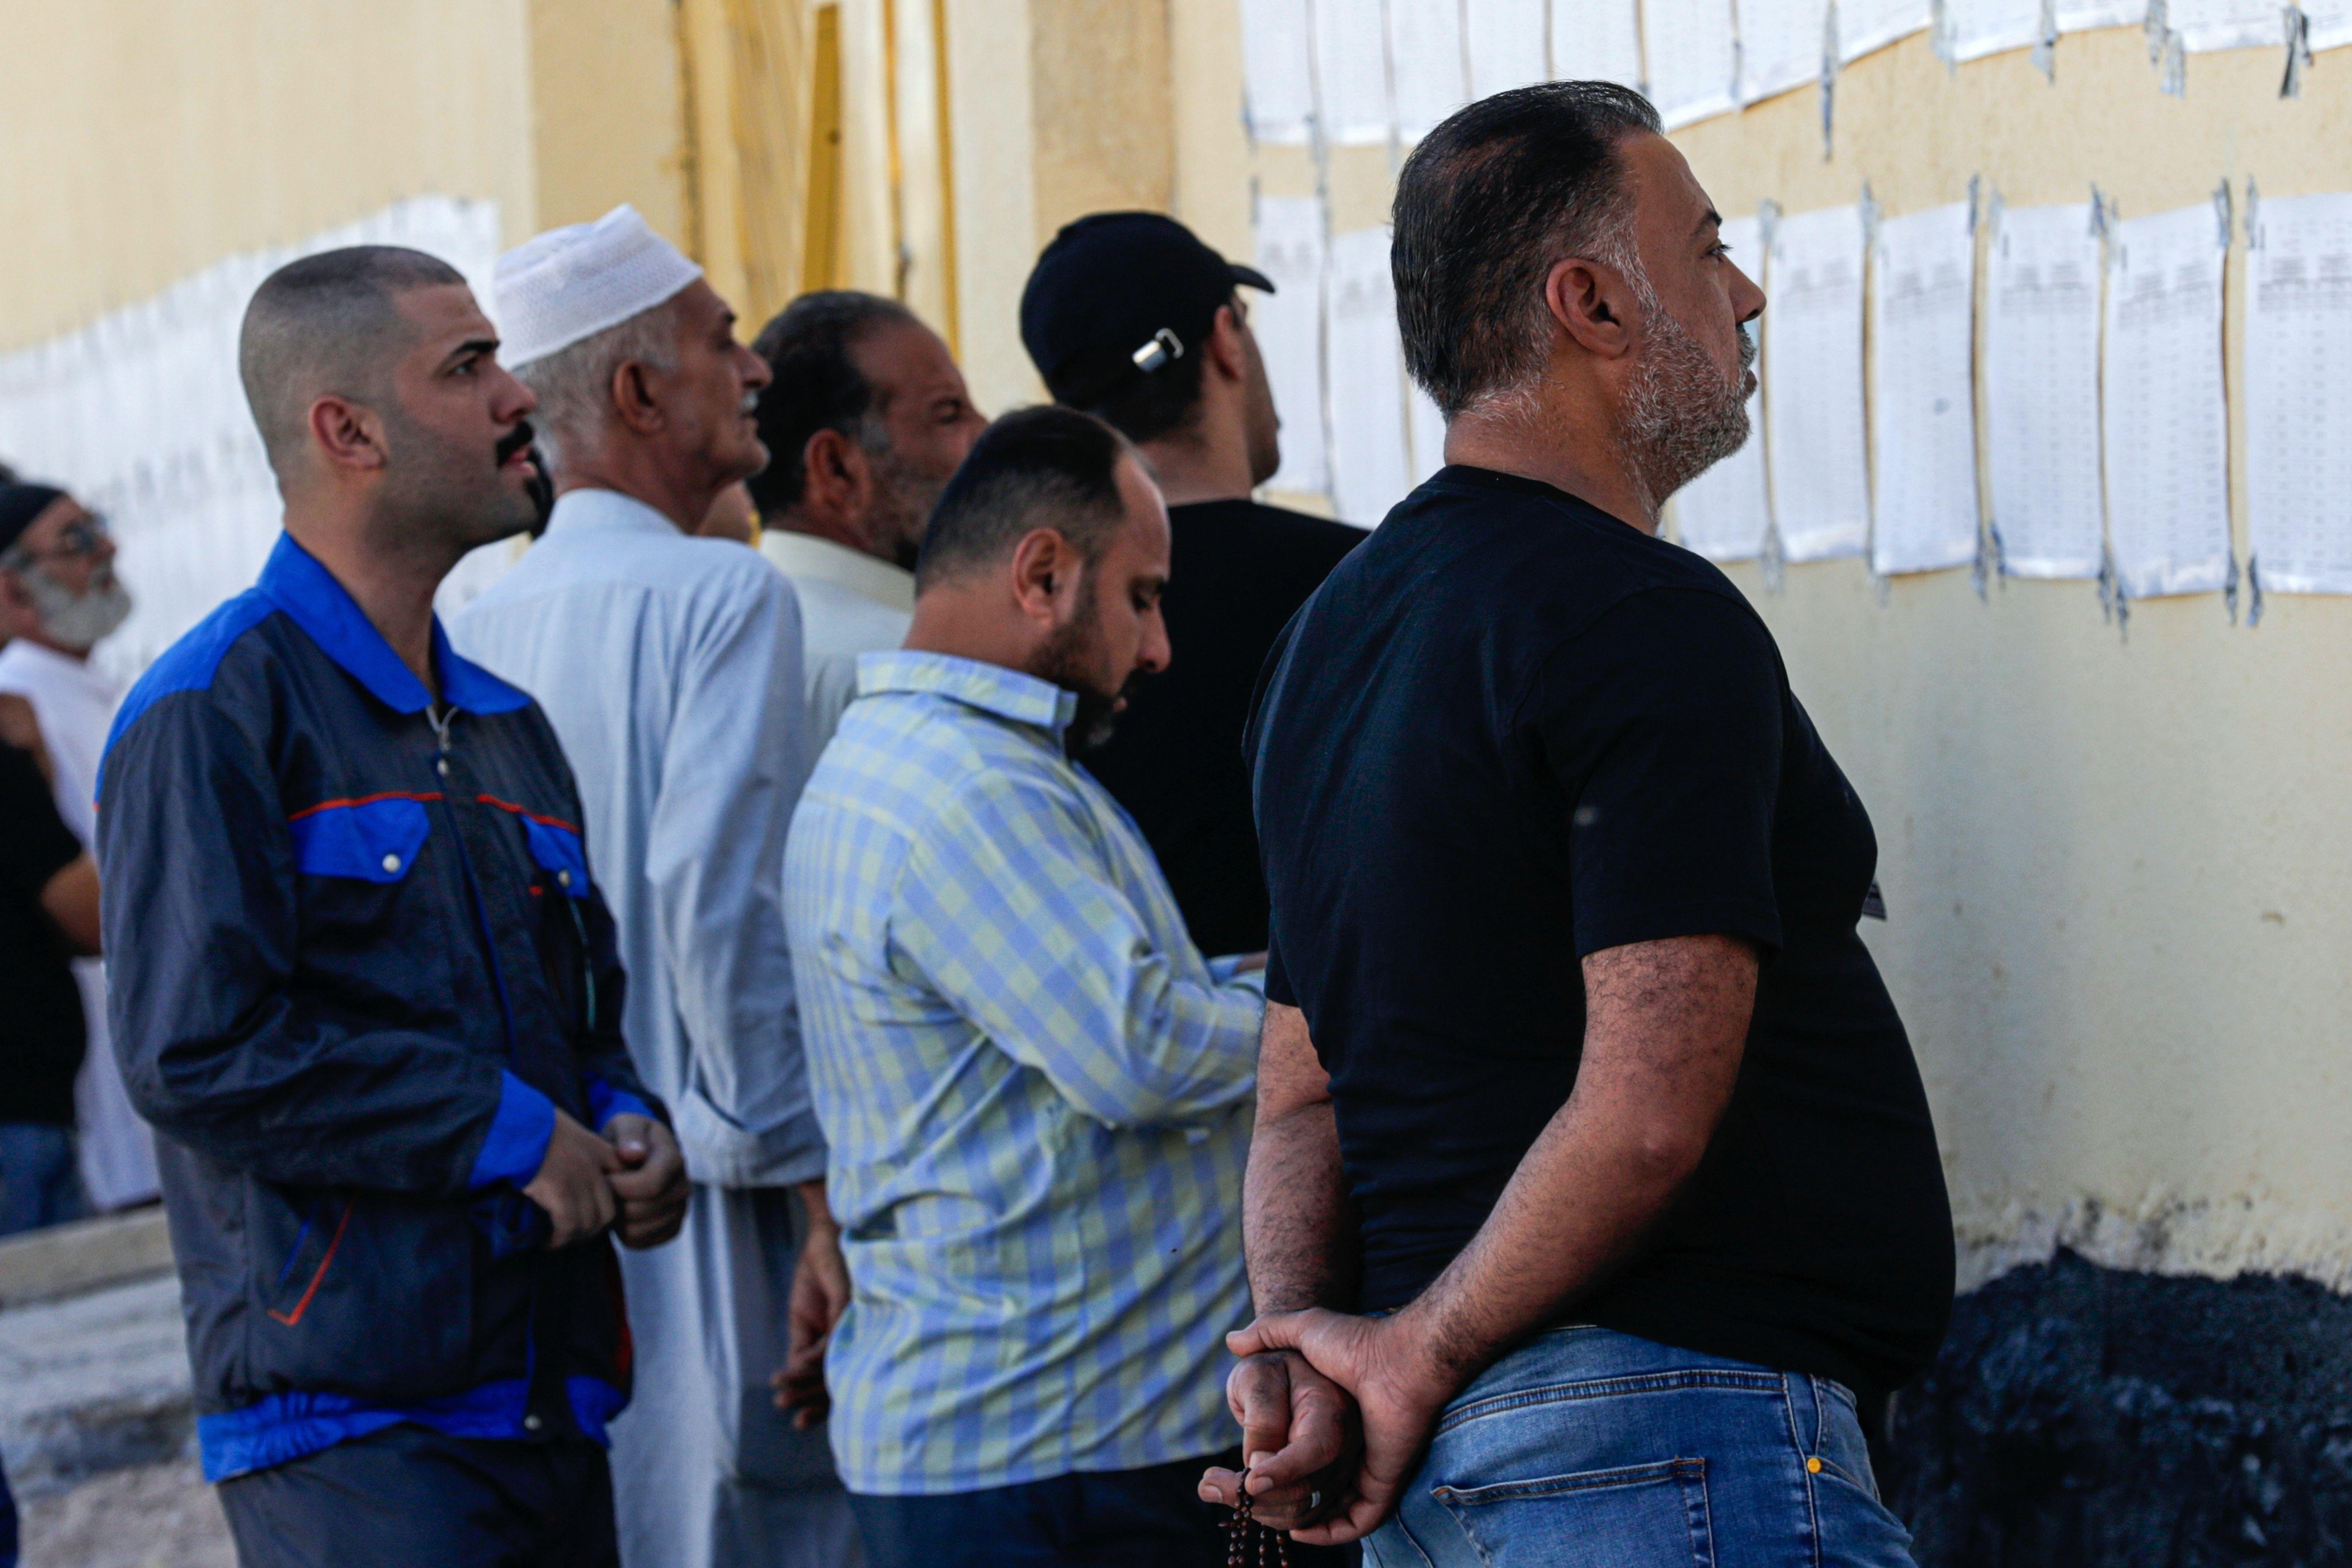 las elecciones iraquies muestran una participacion minima